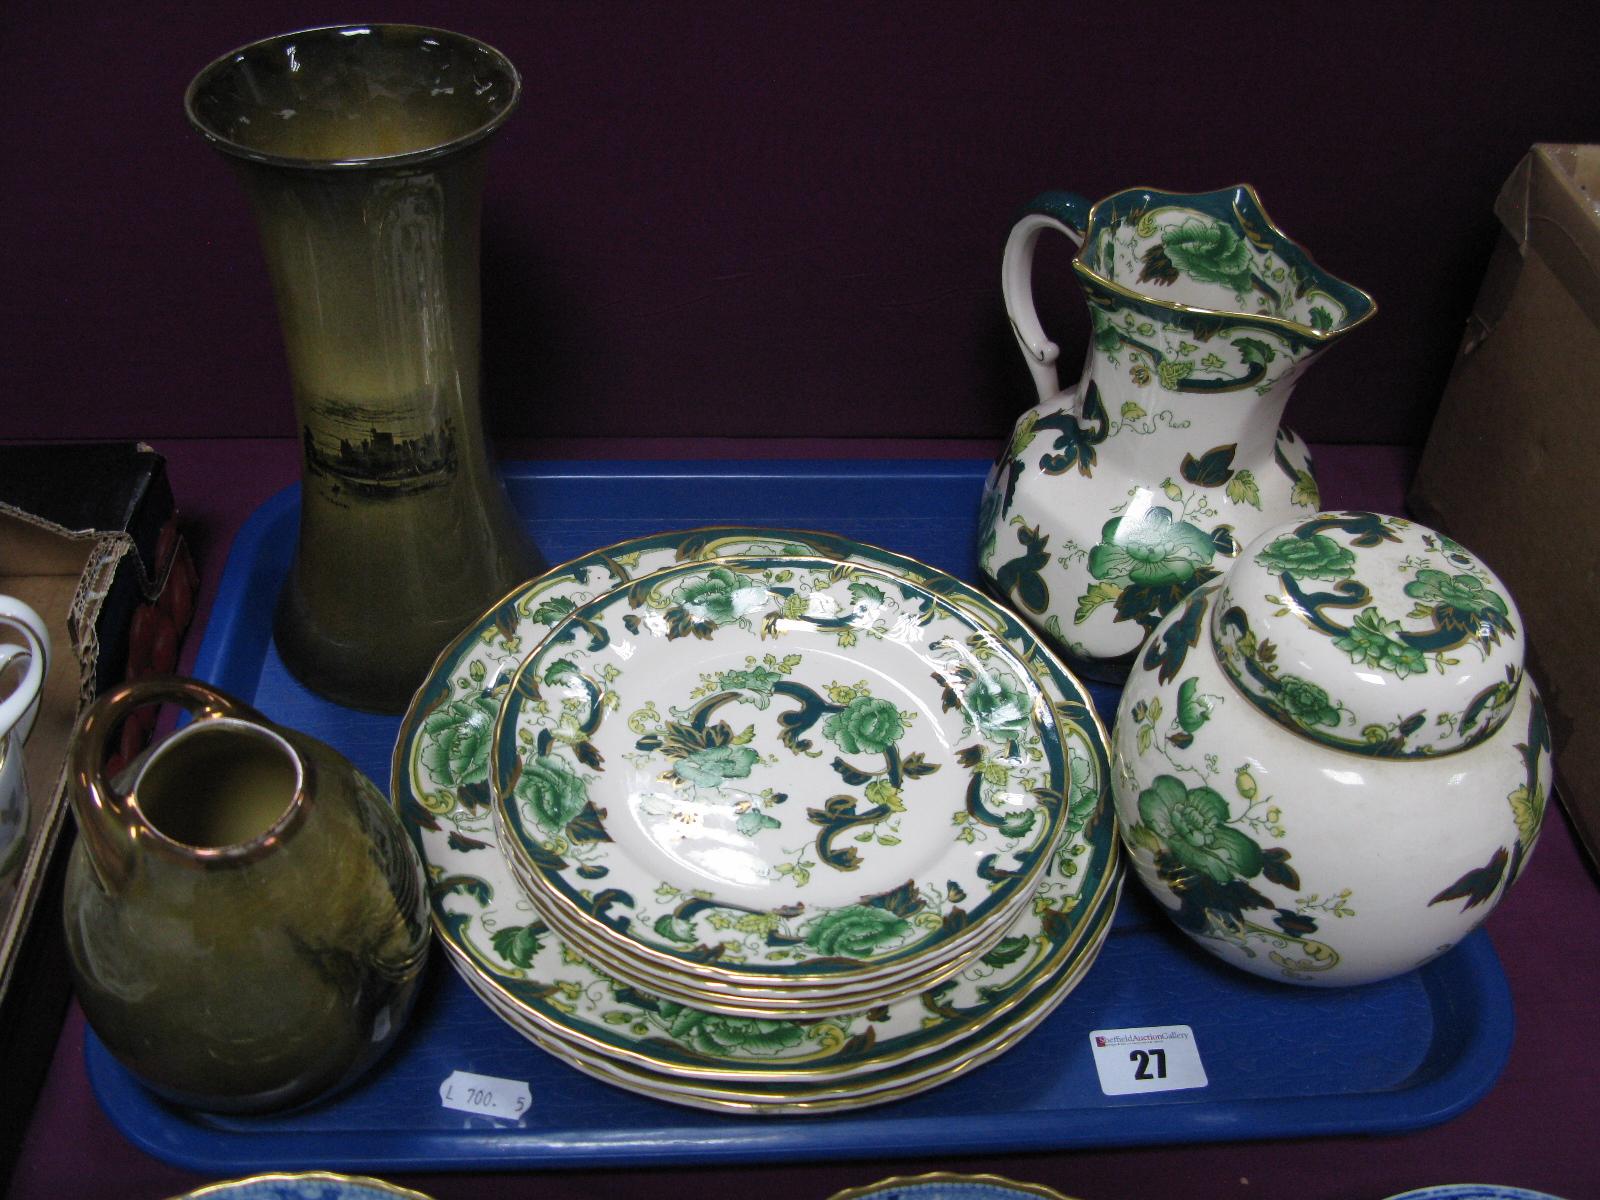 Lot 27 - Masons 'Chartreuse' Ginger Jar, octagonal jug and seven plates, Royal Vistas vases:- One Tray